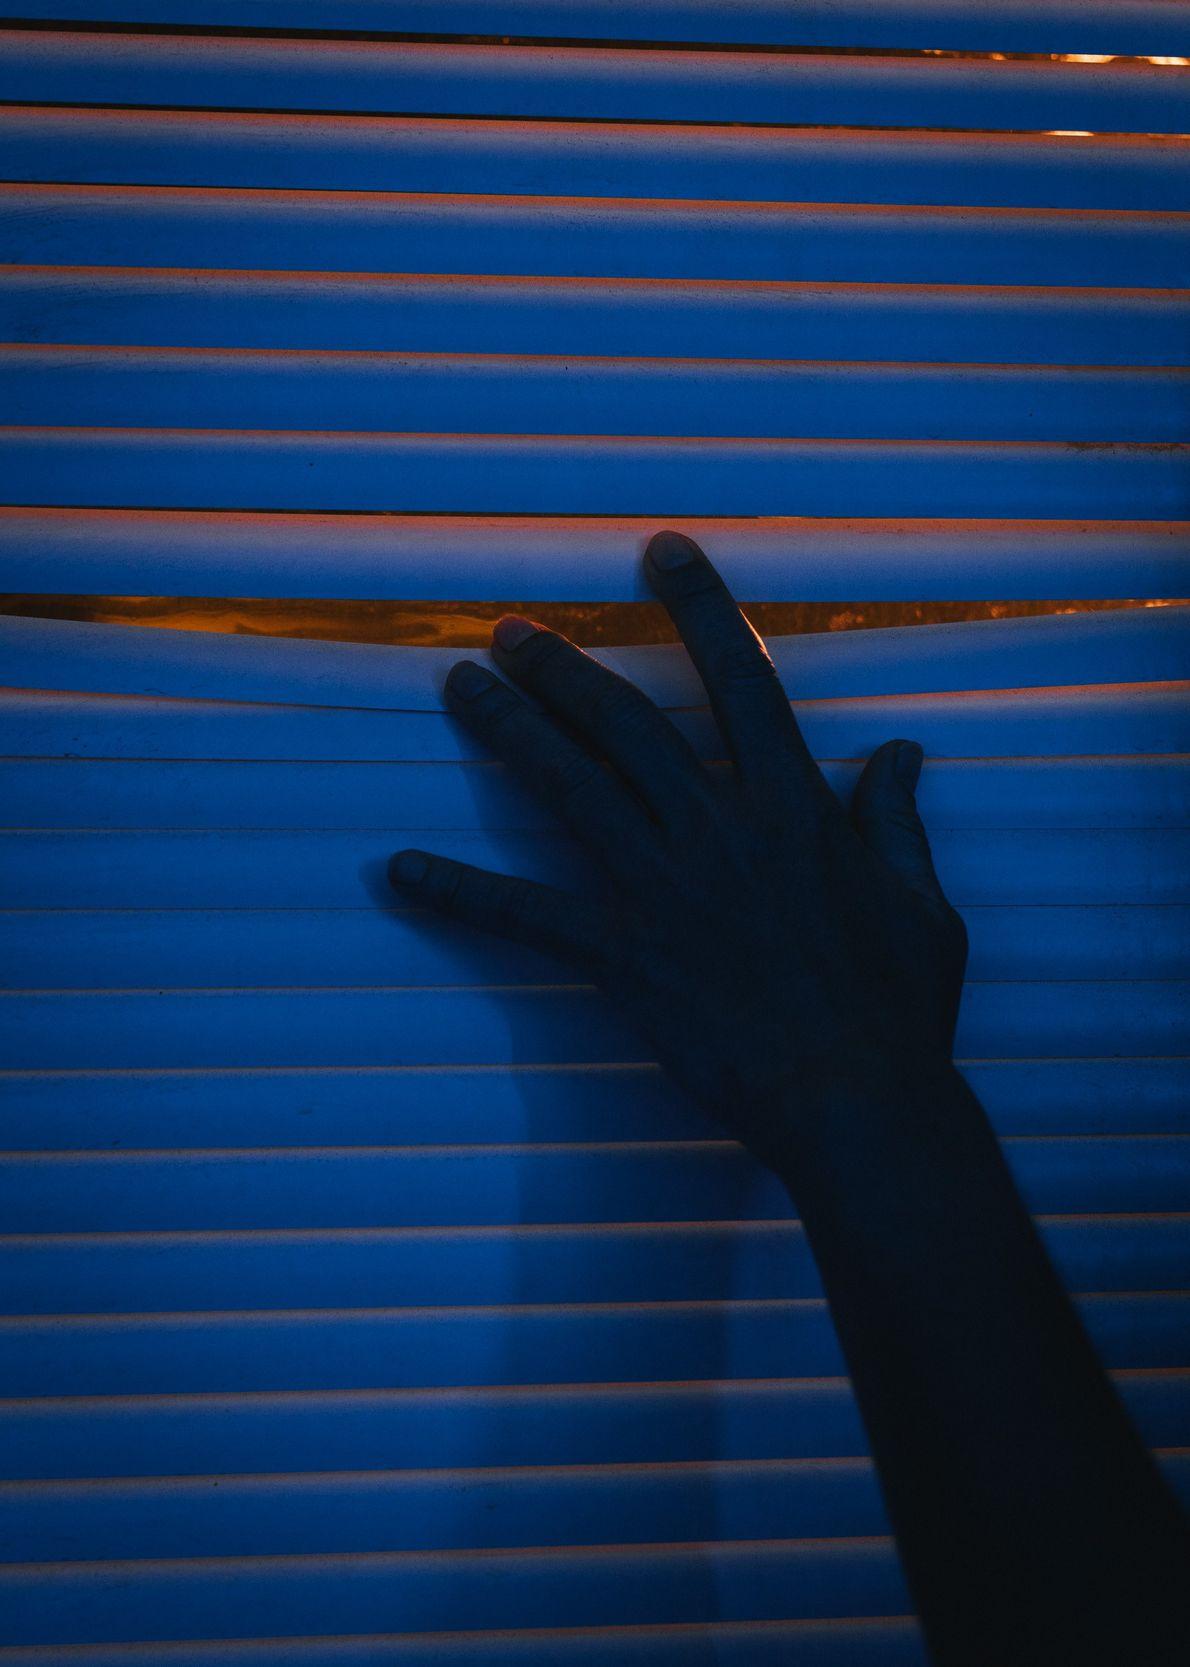 Aline Decadi, miembro de la tripulación de campo, se asoma por la persiana de una ventana ...